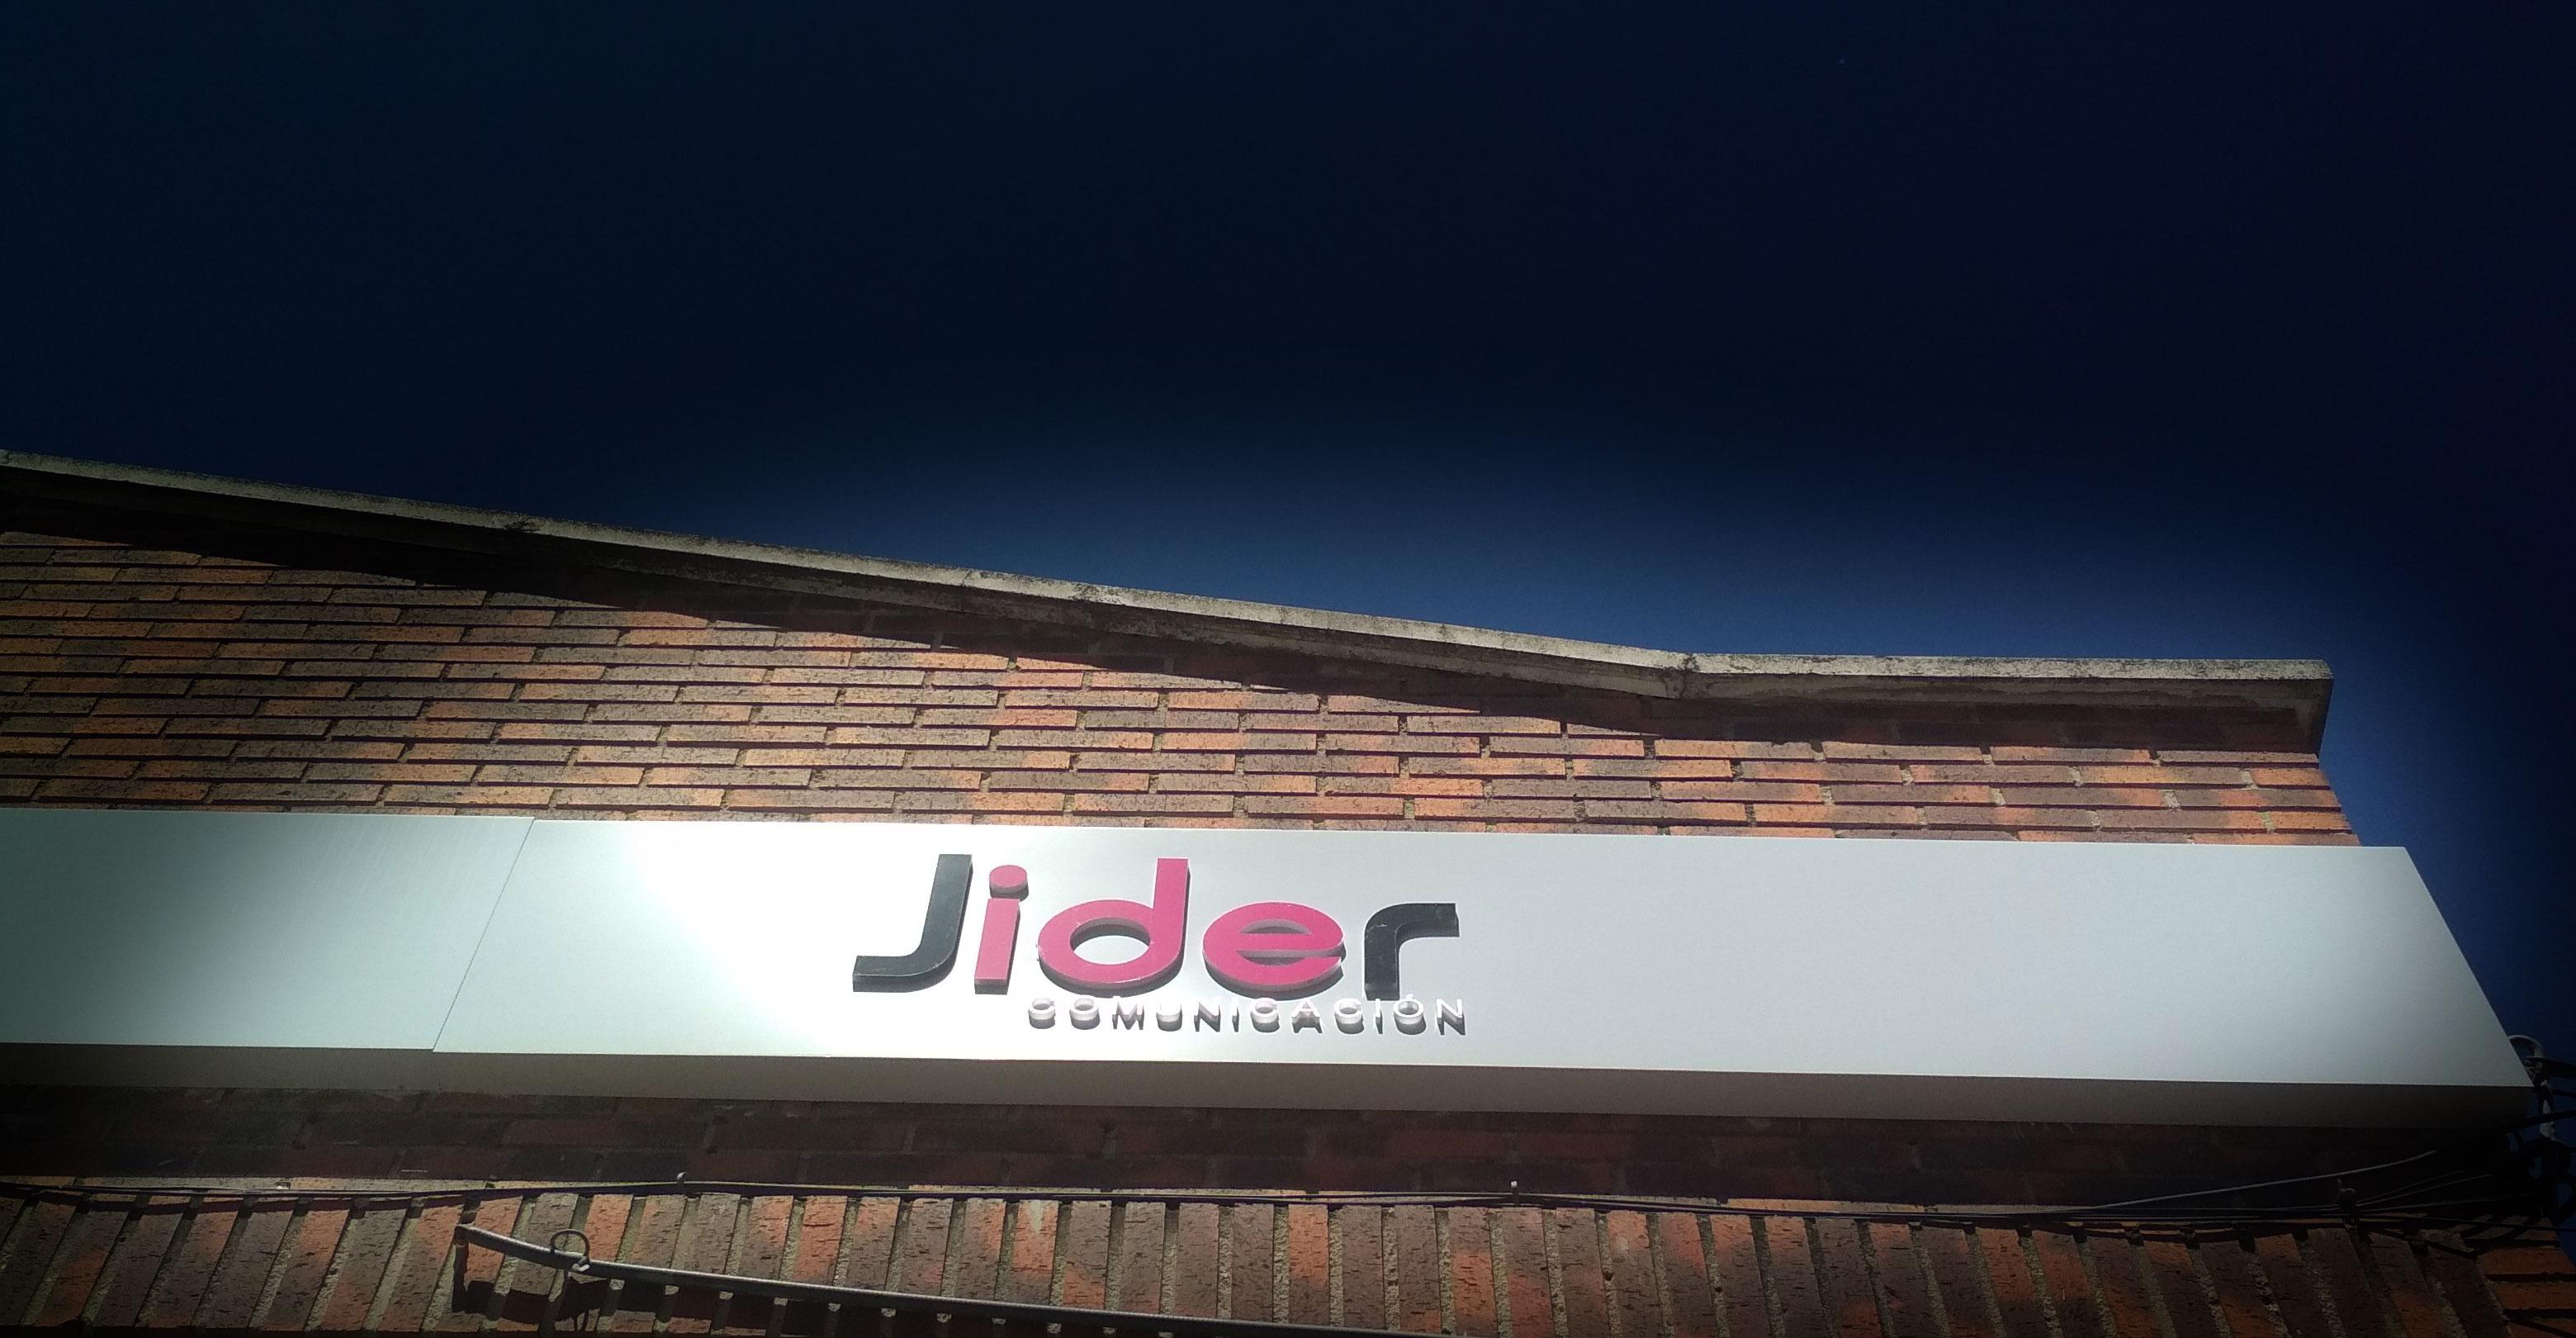 jider-comunicacion-instalaciones-4